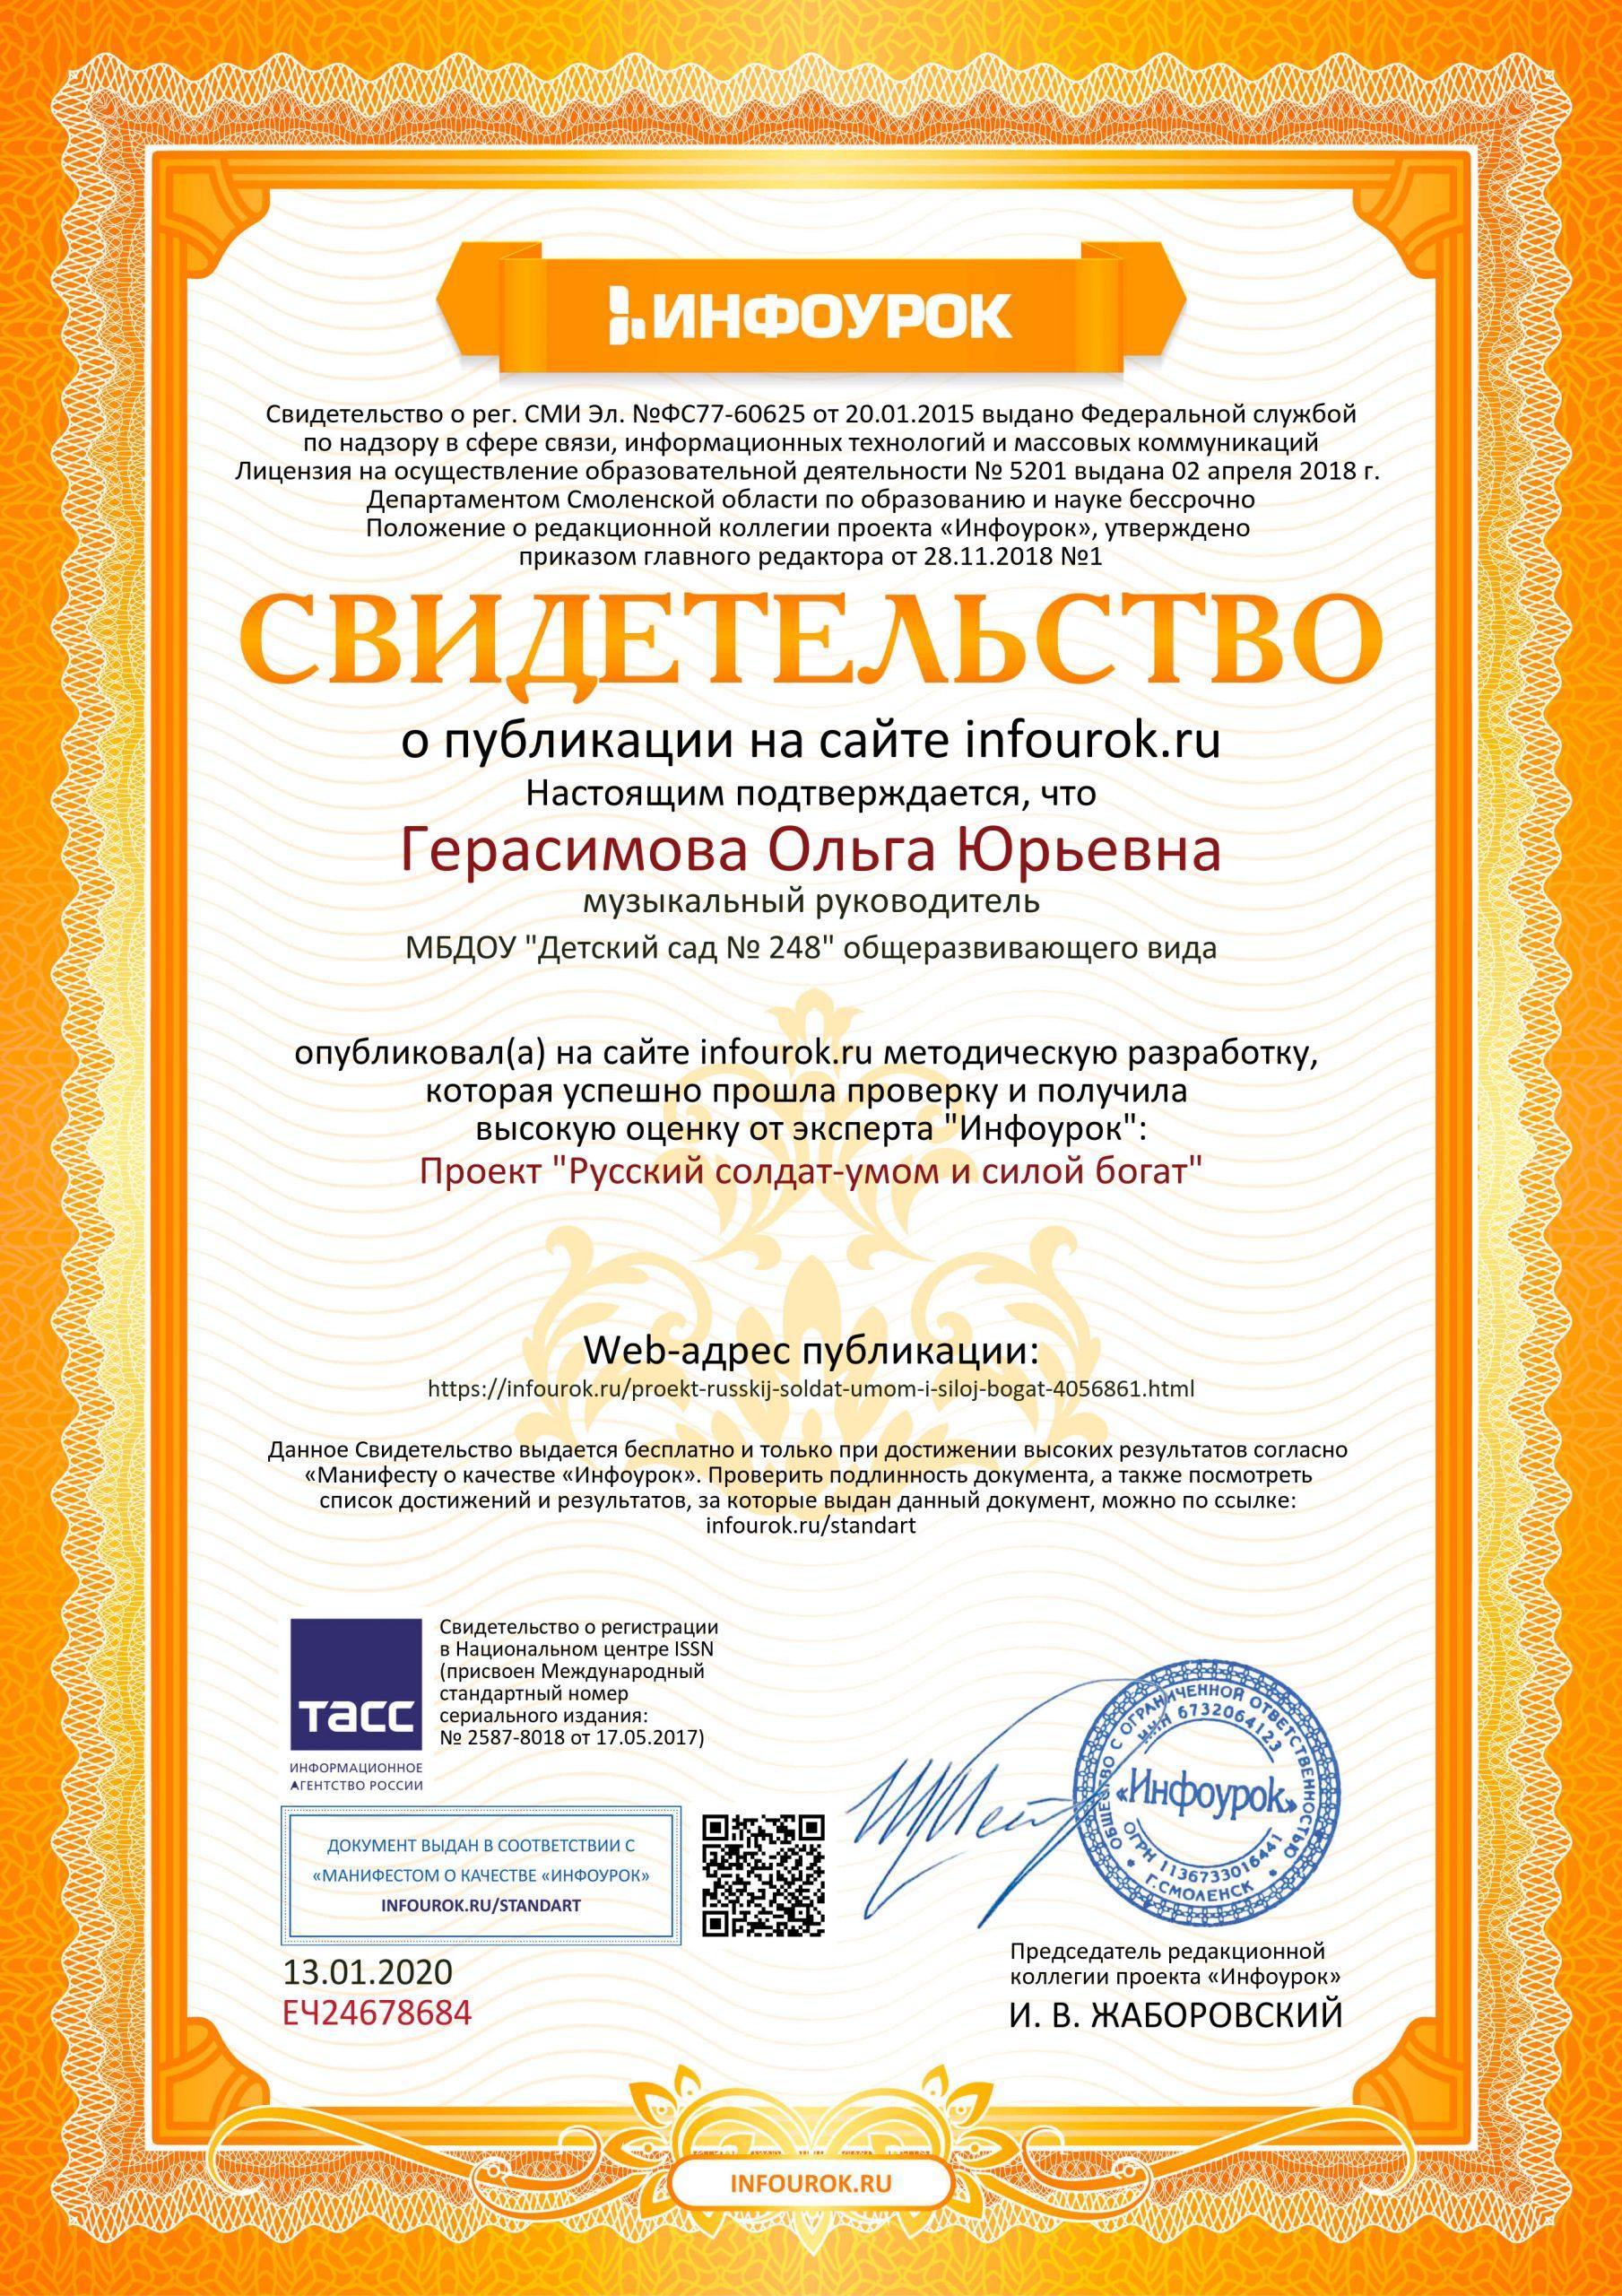 Свидетельство проекта infourok.ru №ЕЧ24678684